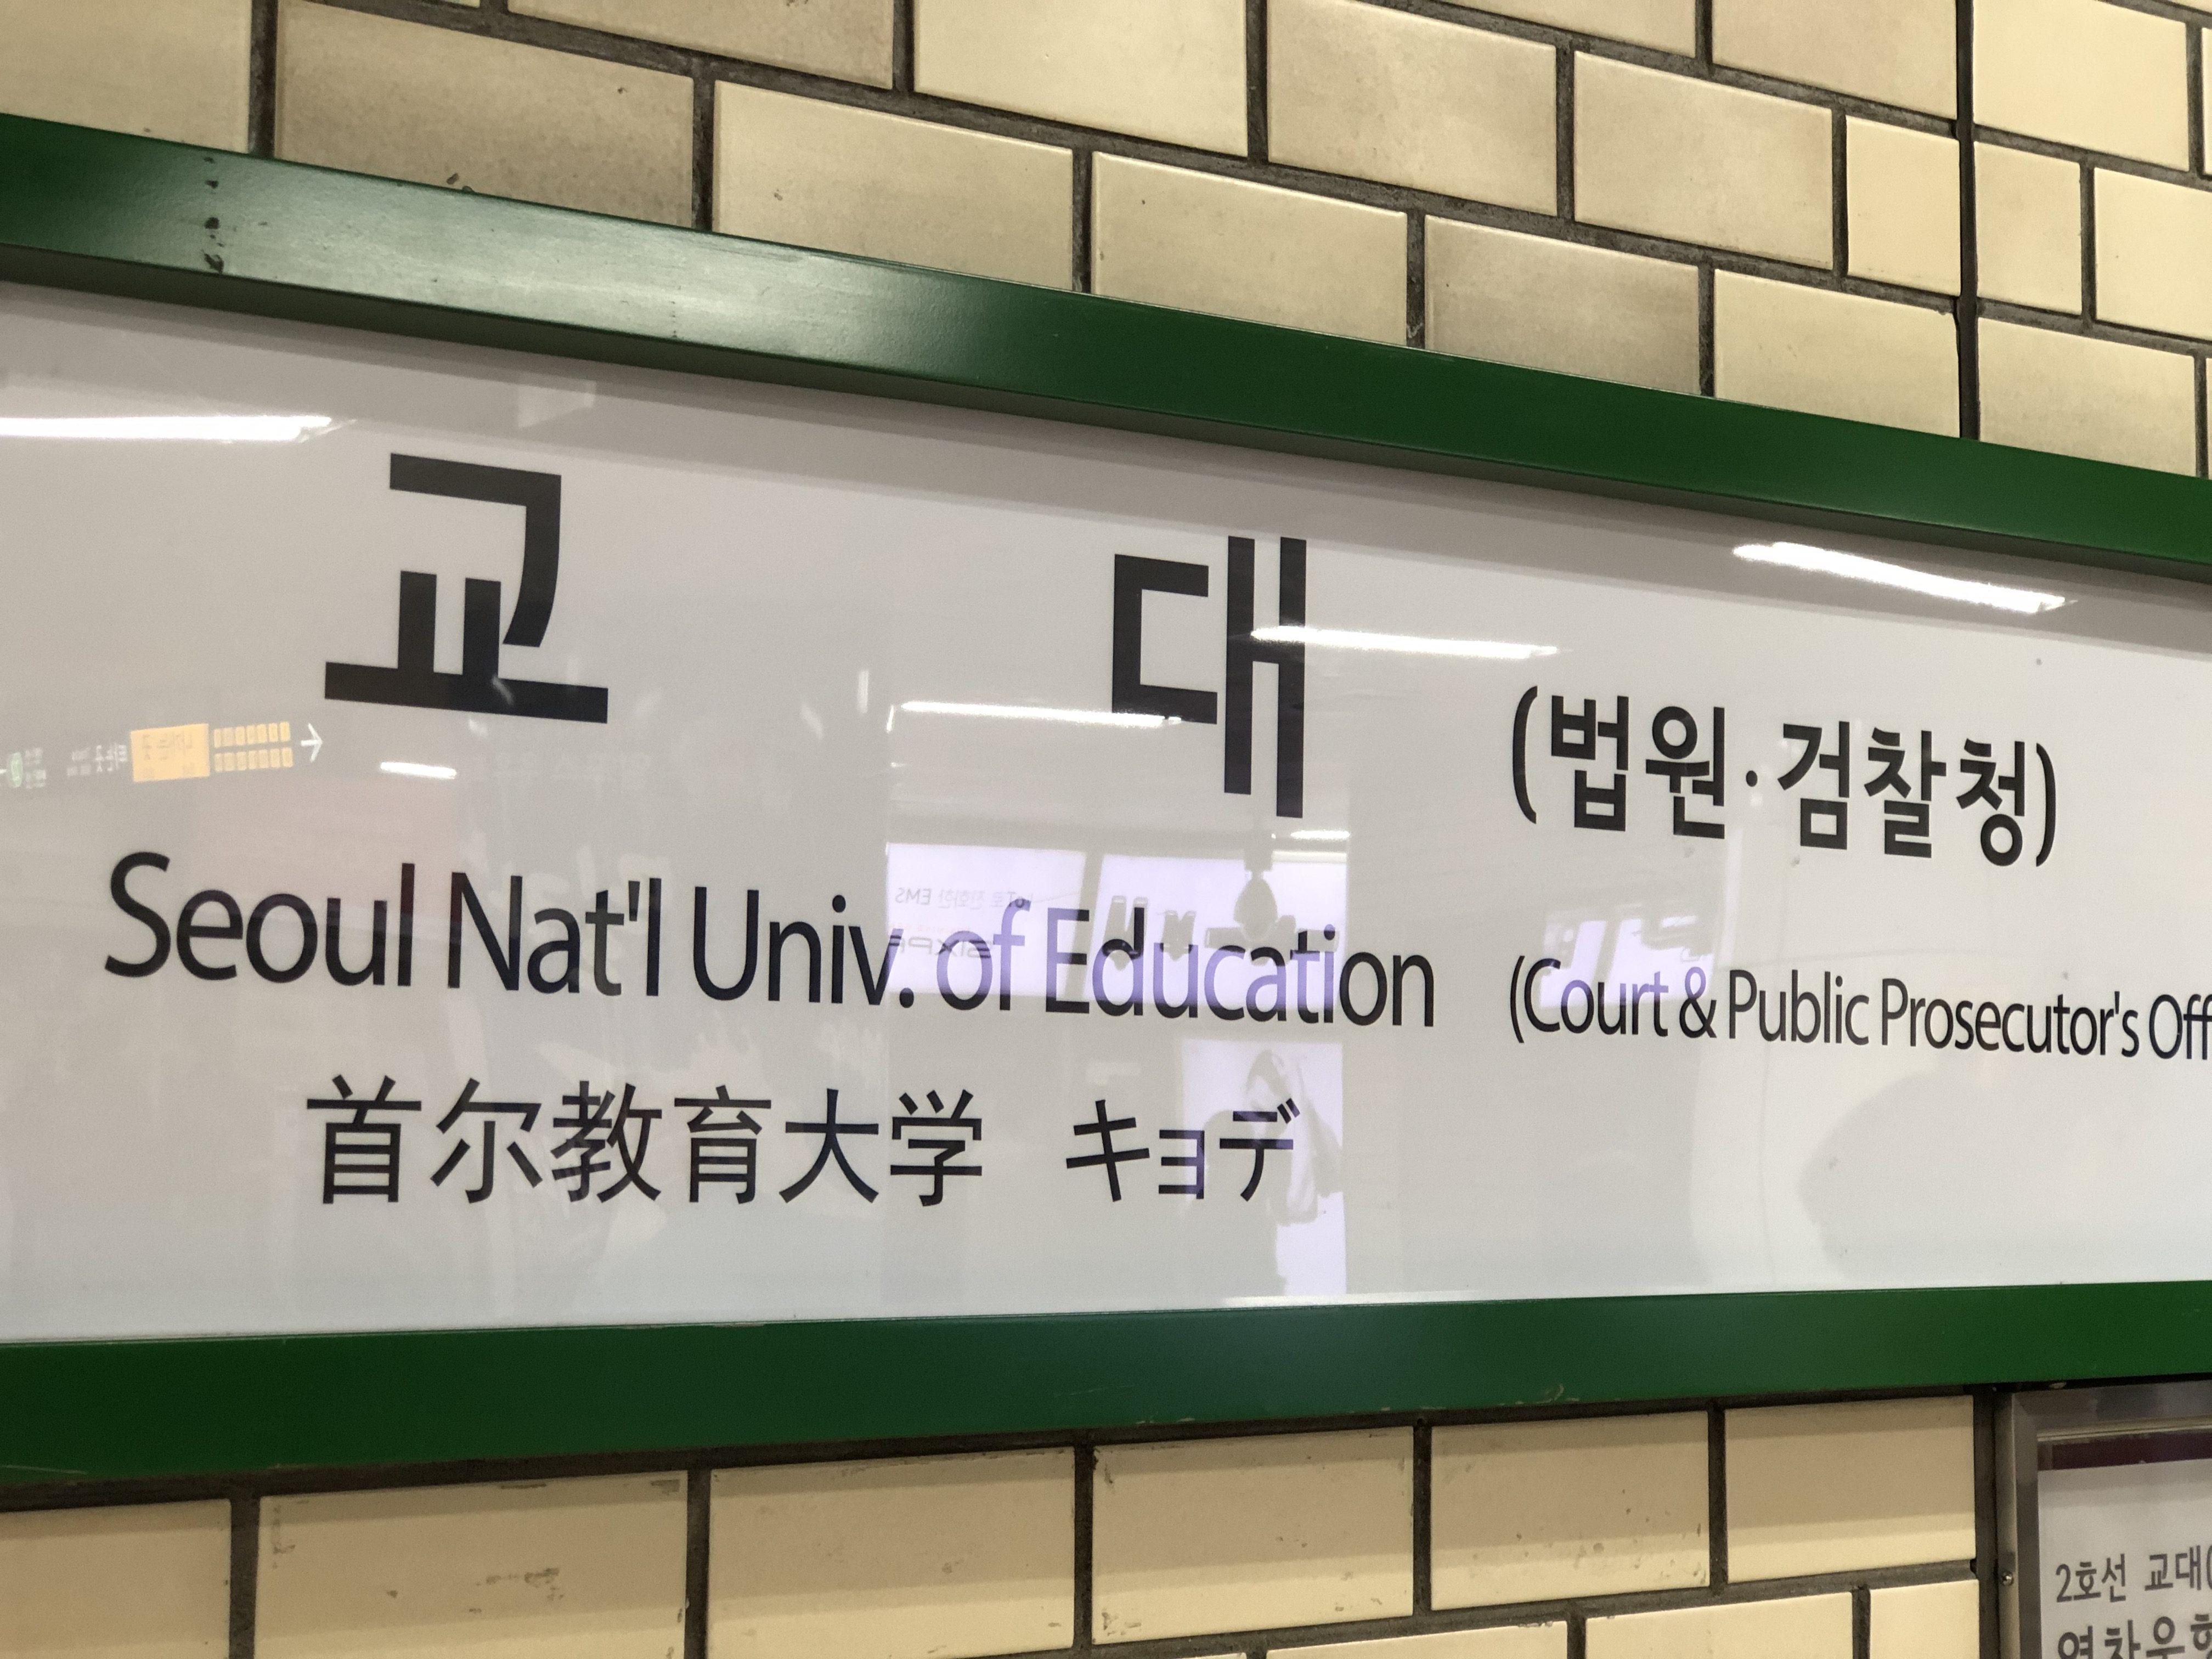 地下鉄 교대역 【教大駅・キョデ】 で降ります。